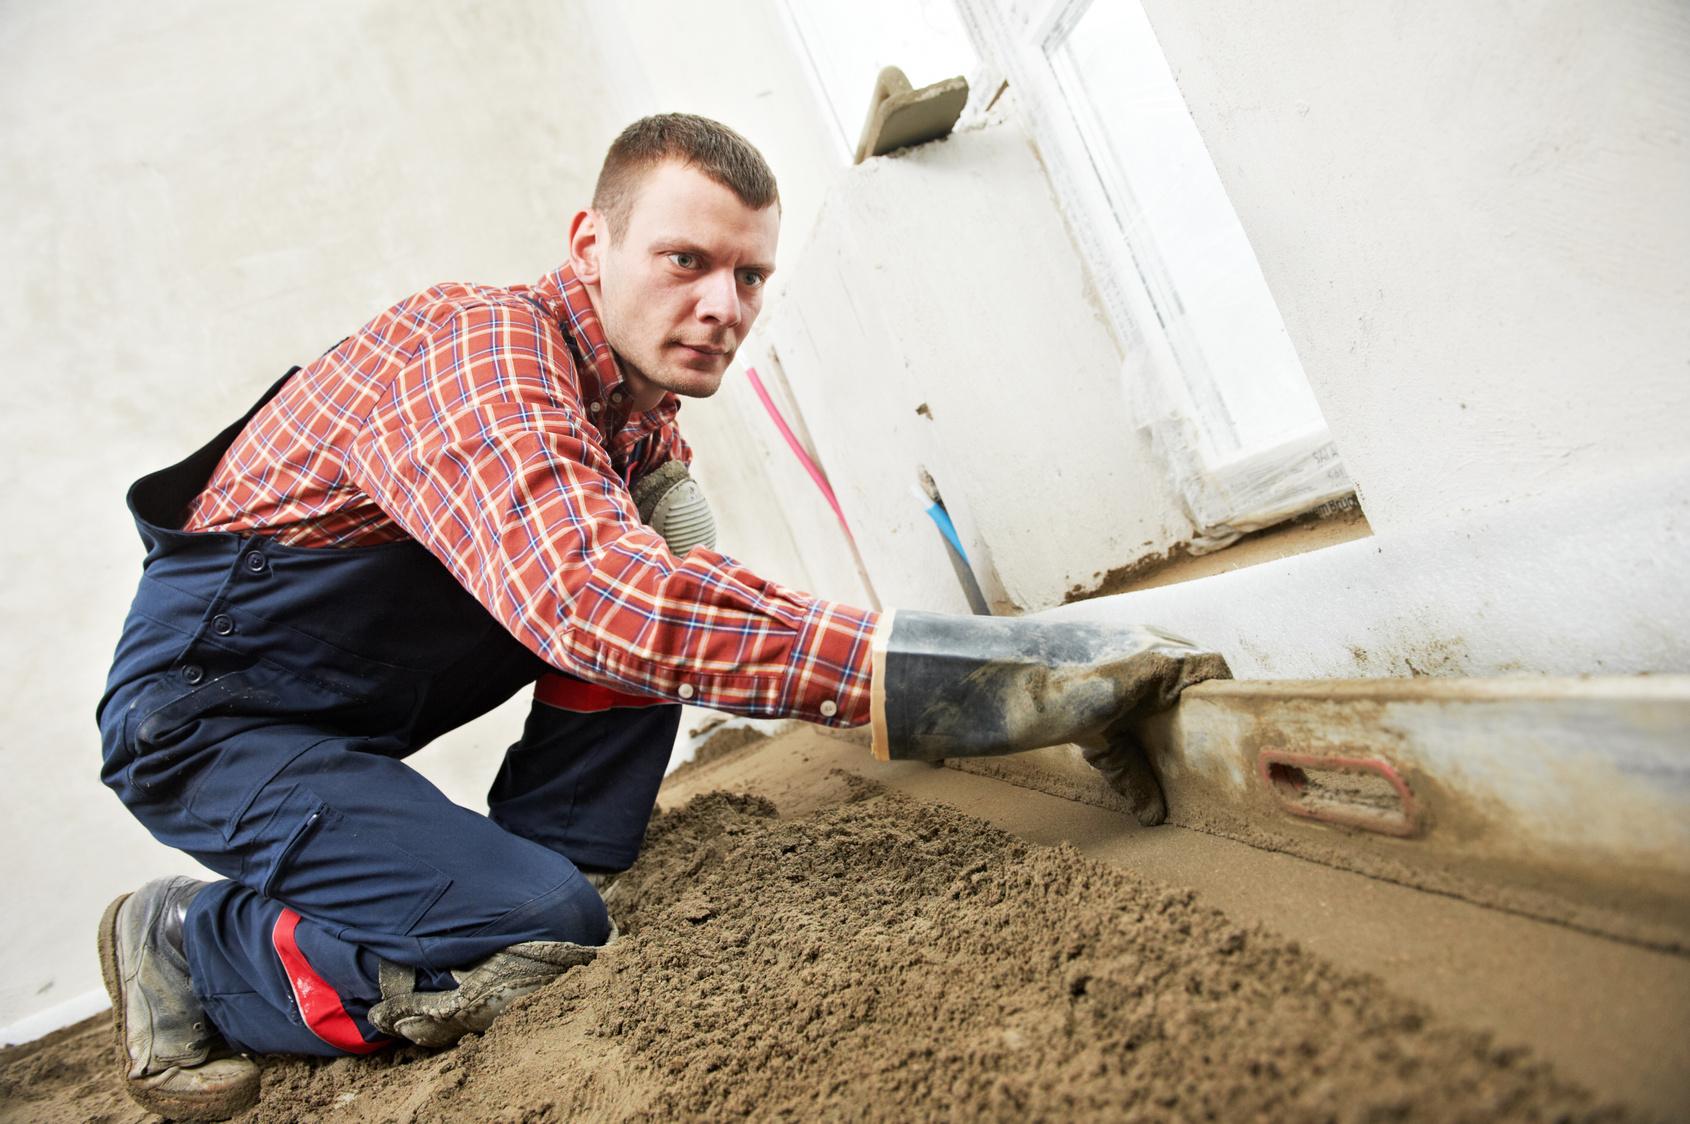 Типичные ошибки при ремонте квартиры (дома) своими руками и при найме рабочих-строителей: советы профессионалов